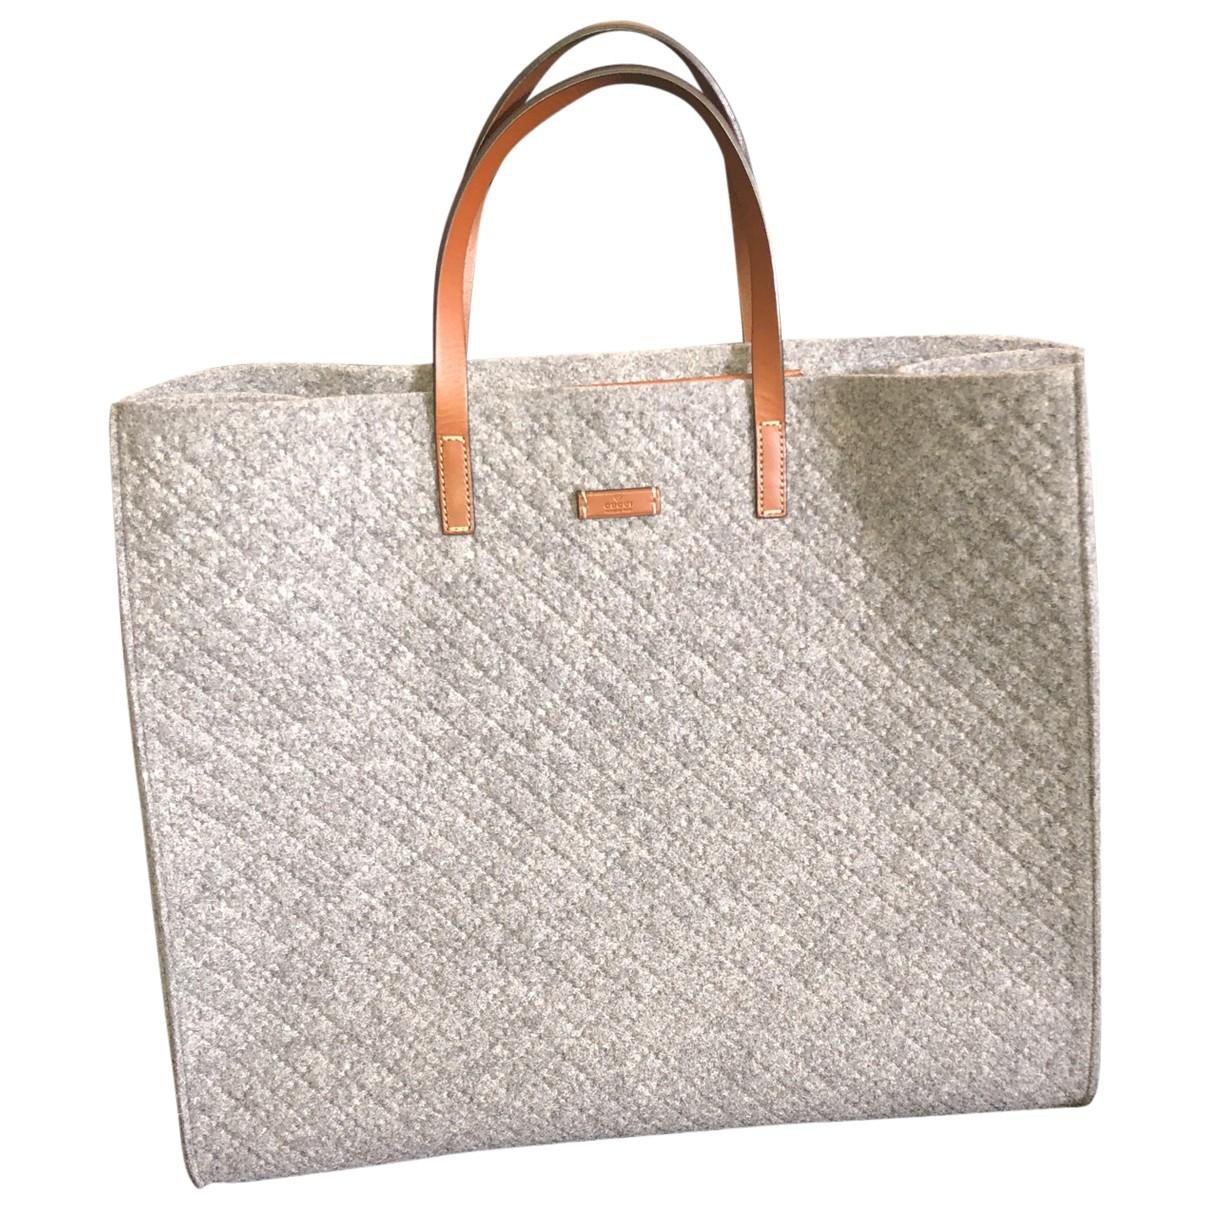 Gucci \N Grey Wool handbag for Women \N